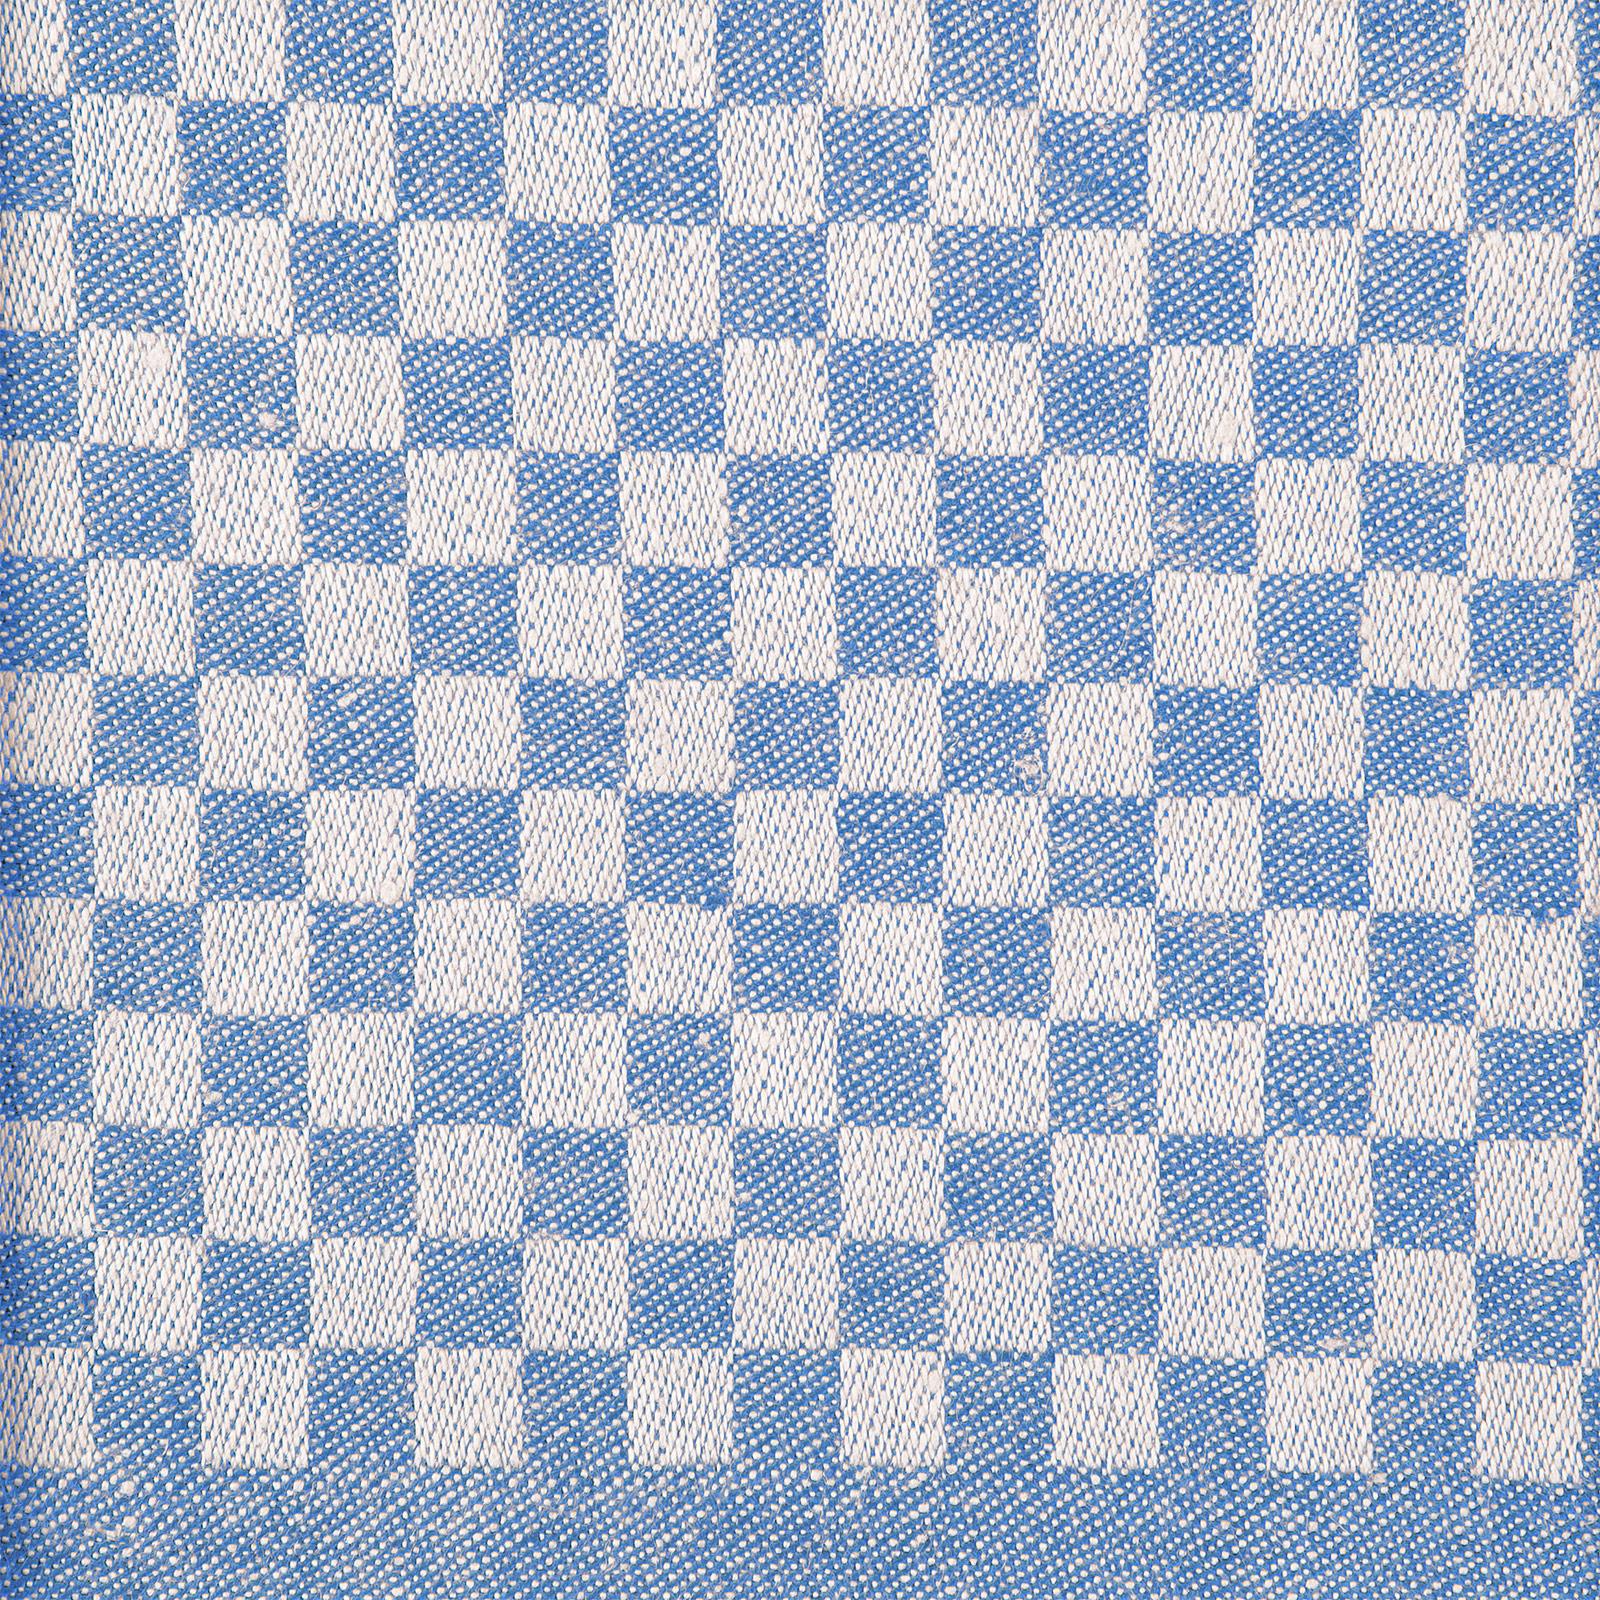 line bordslöpare färgprov design Hanne Vedel färg sandvarp blå